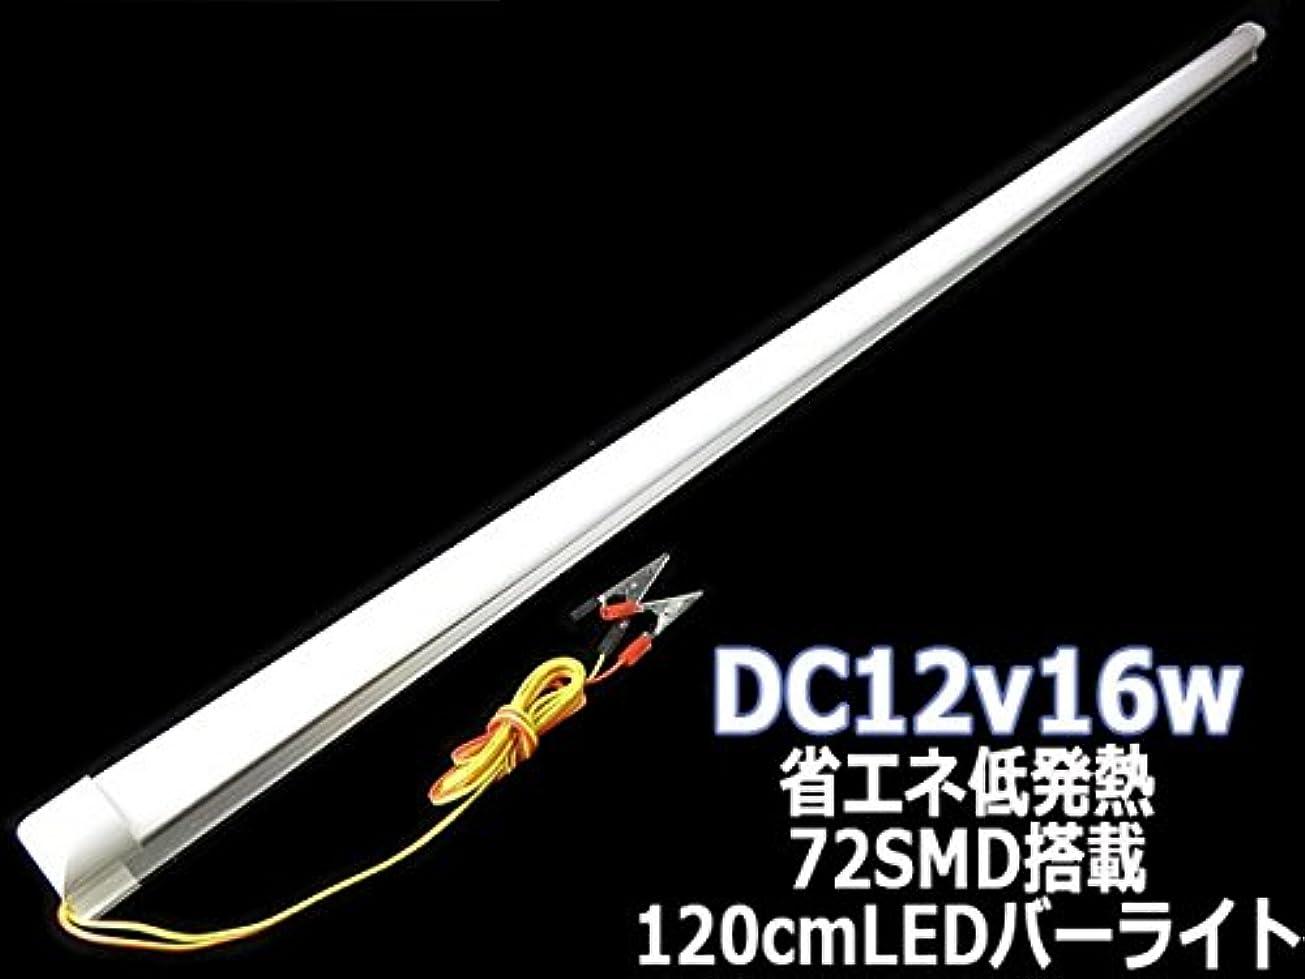 疲労長くする風が強い120cmLED バーライト 12V 16w アルミフレーム直管灯 72SMD搭載 散光シェード ワニグチクリップ付